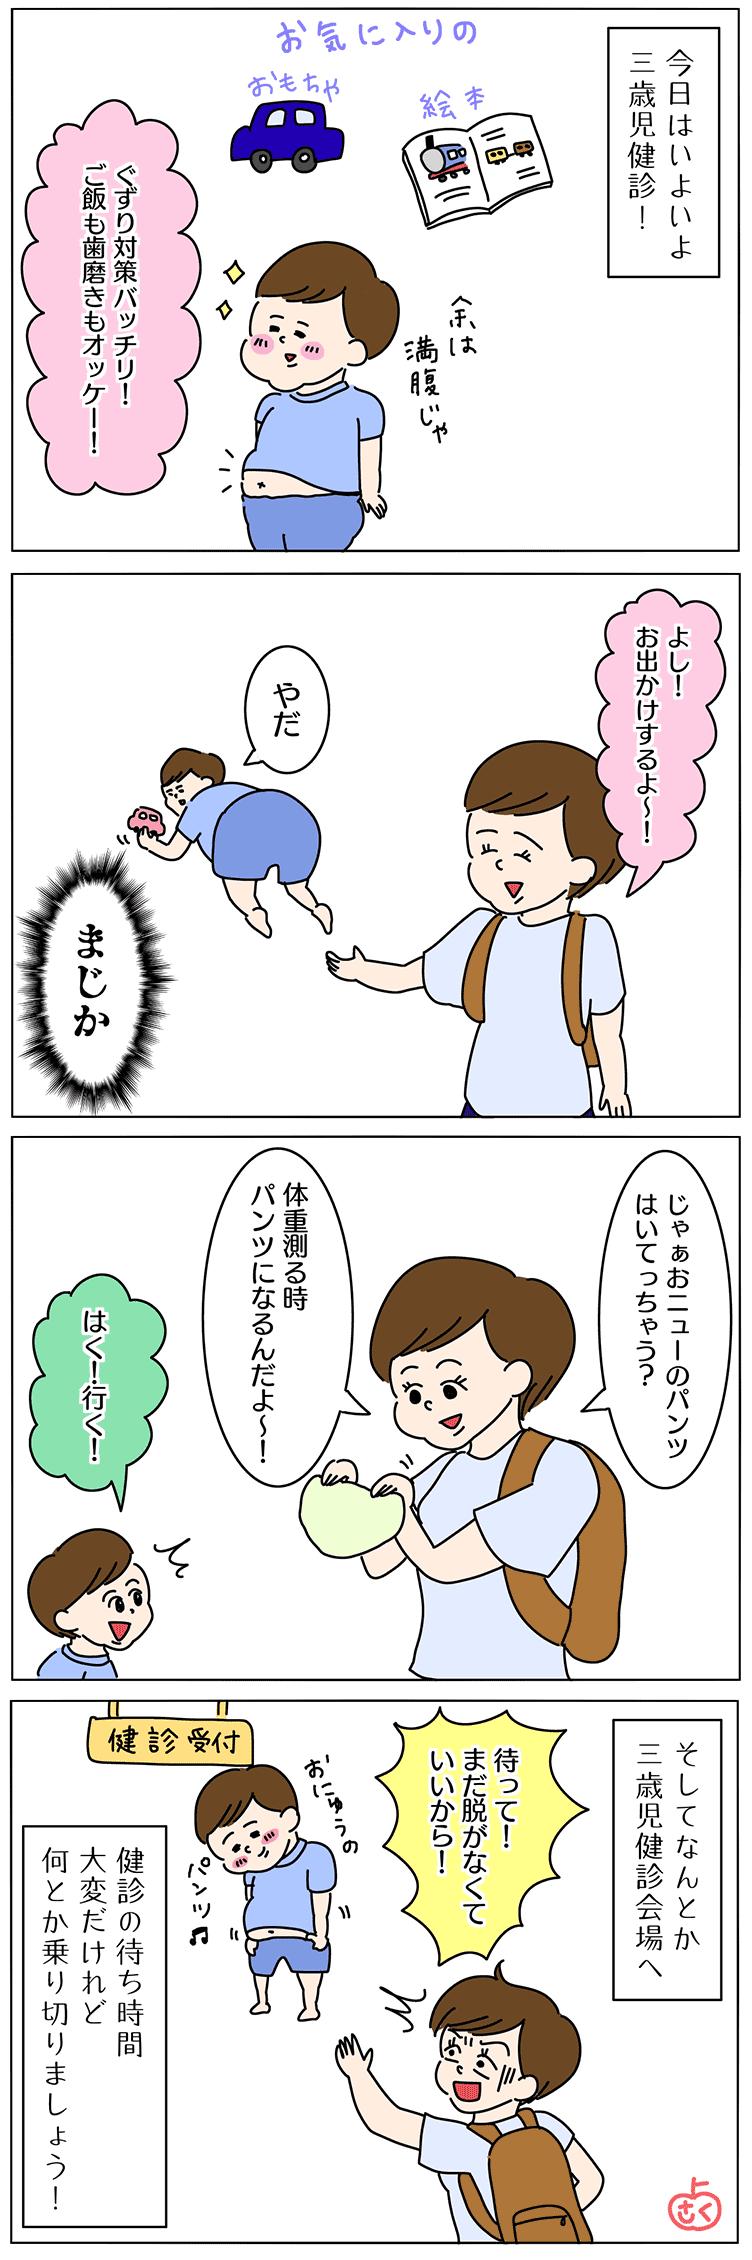 三歳児健診の子育て4コマ漫画